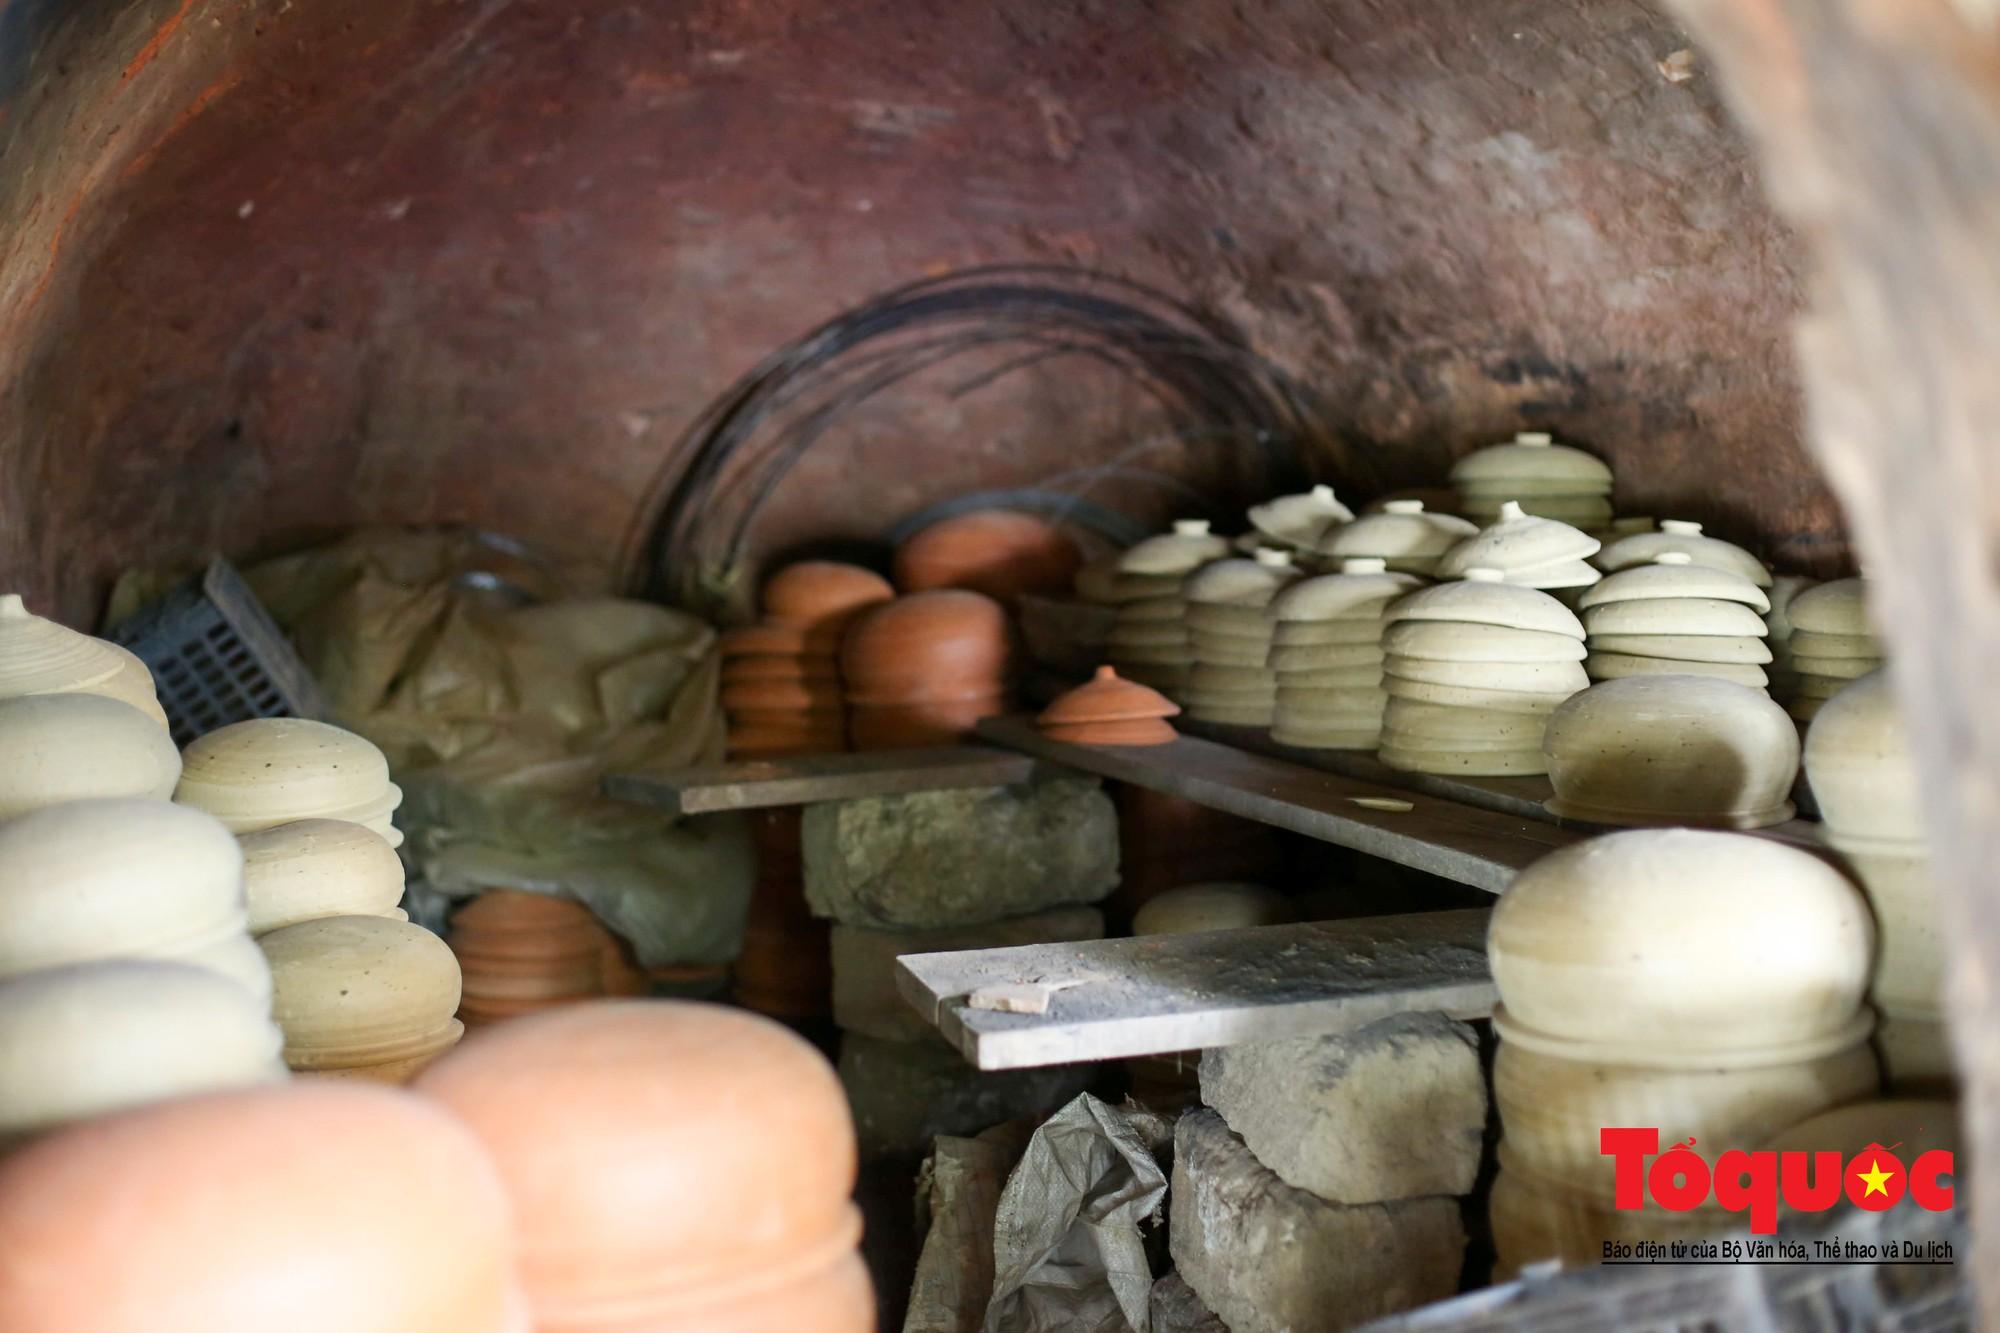 Vẻ đẹp trầm mặc của làng gốm gần nghìn năm tuổi bên dòng sông Thu Bồn13